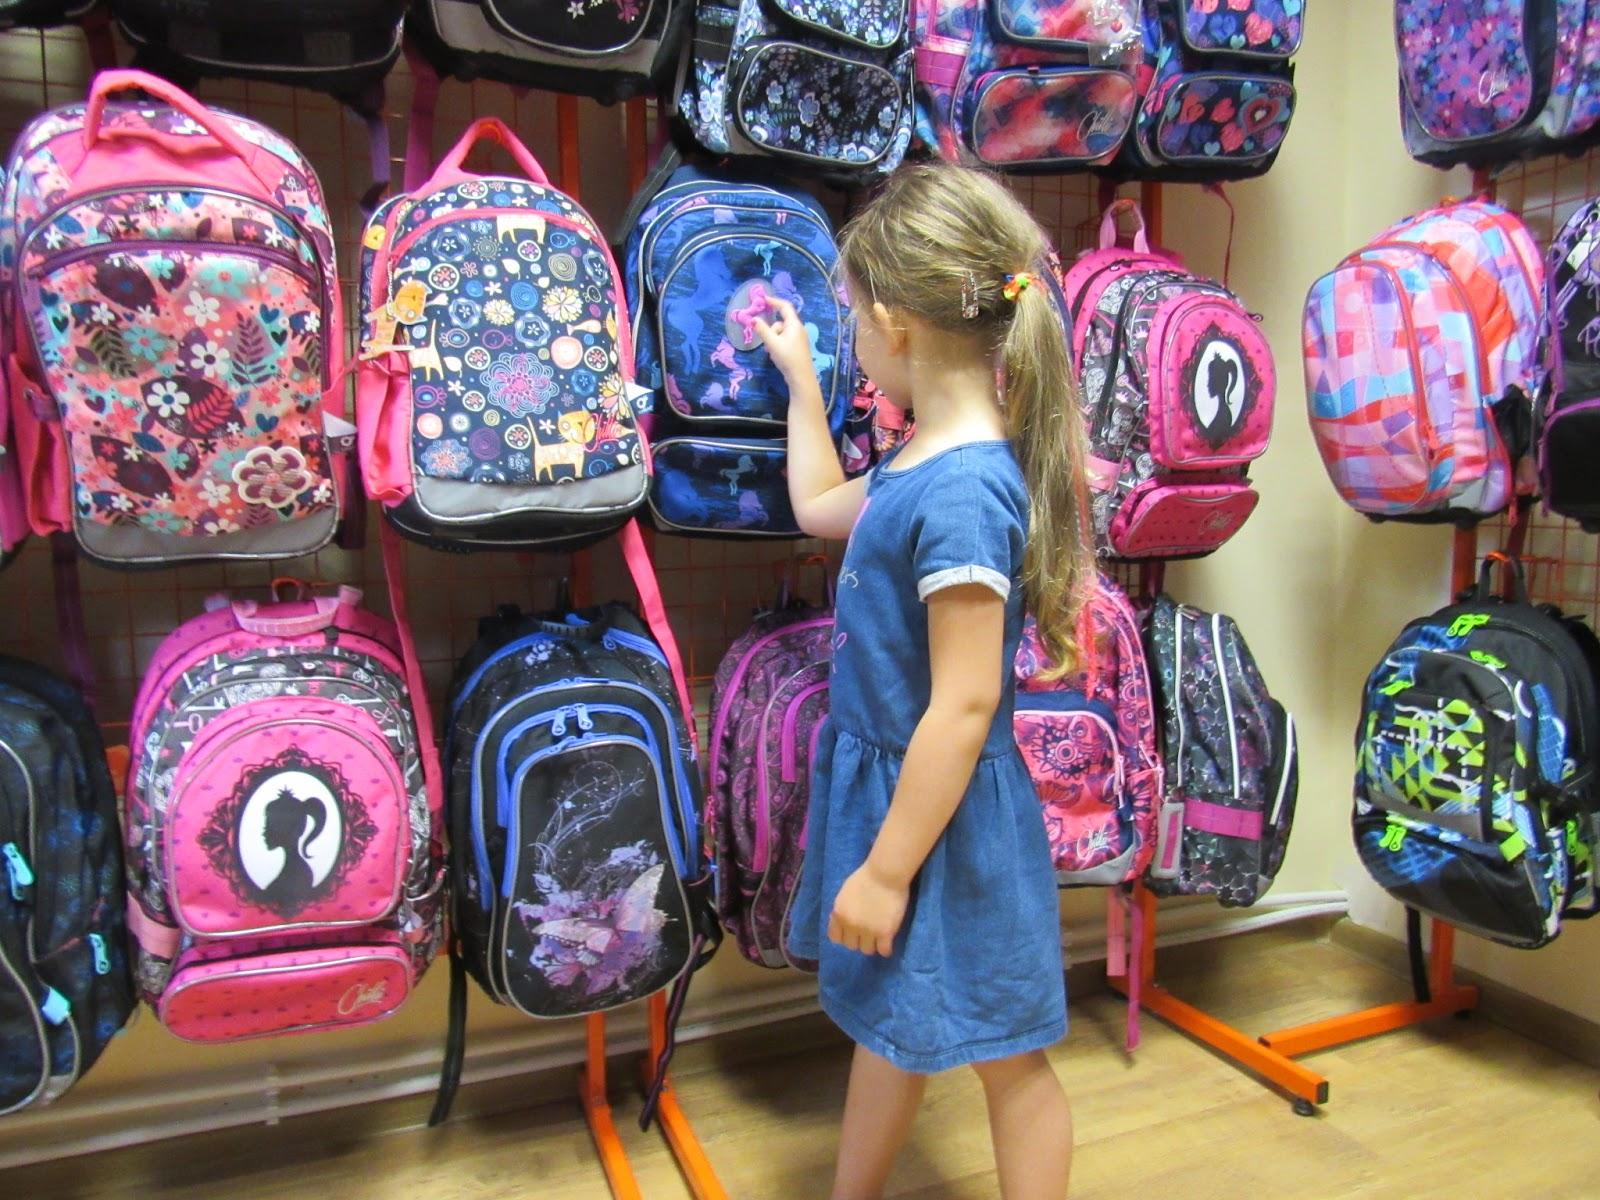 fbf1a5900bc1c Najlepsze książki dla dzieci  Tosia idzie do szkoły i ma już plecak!